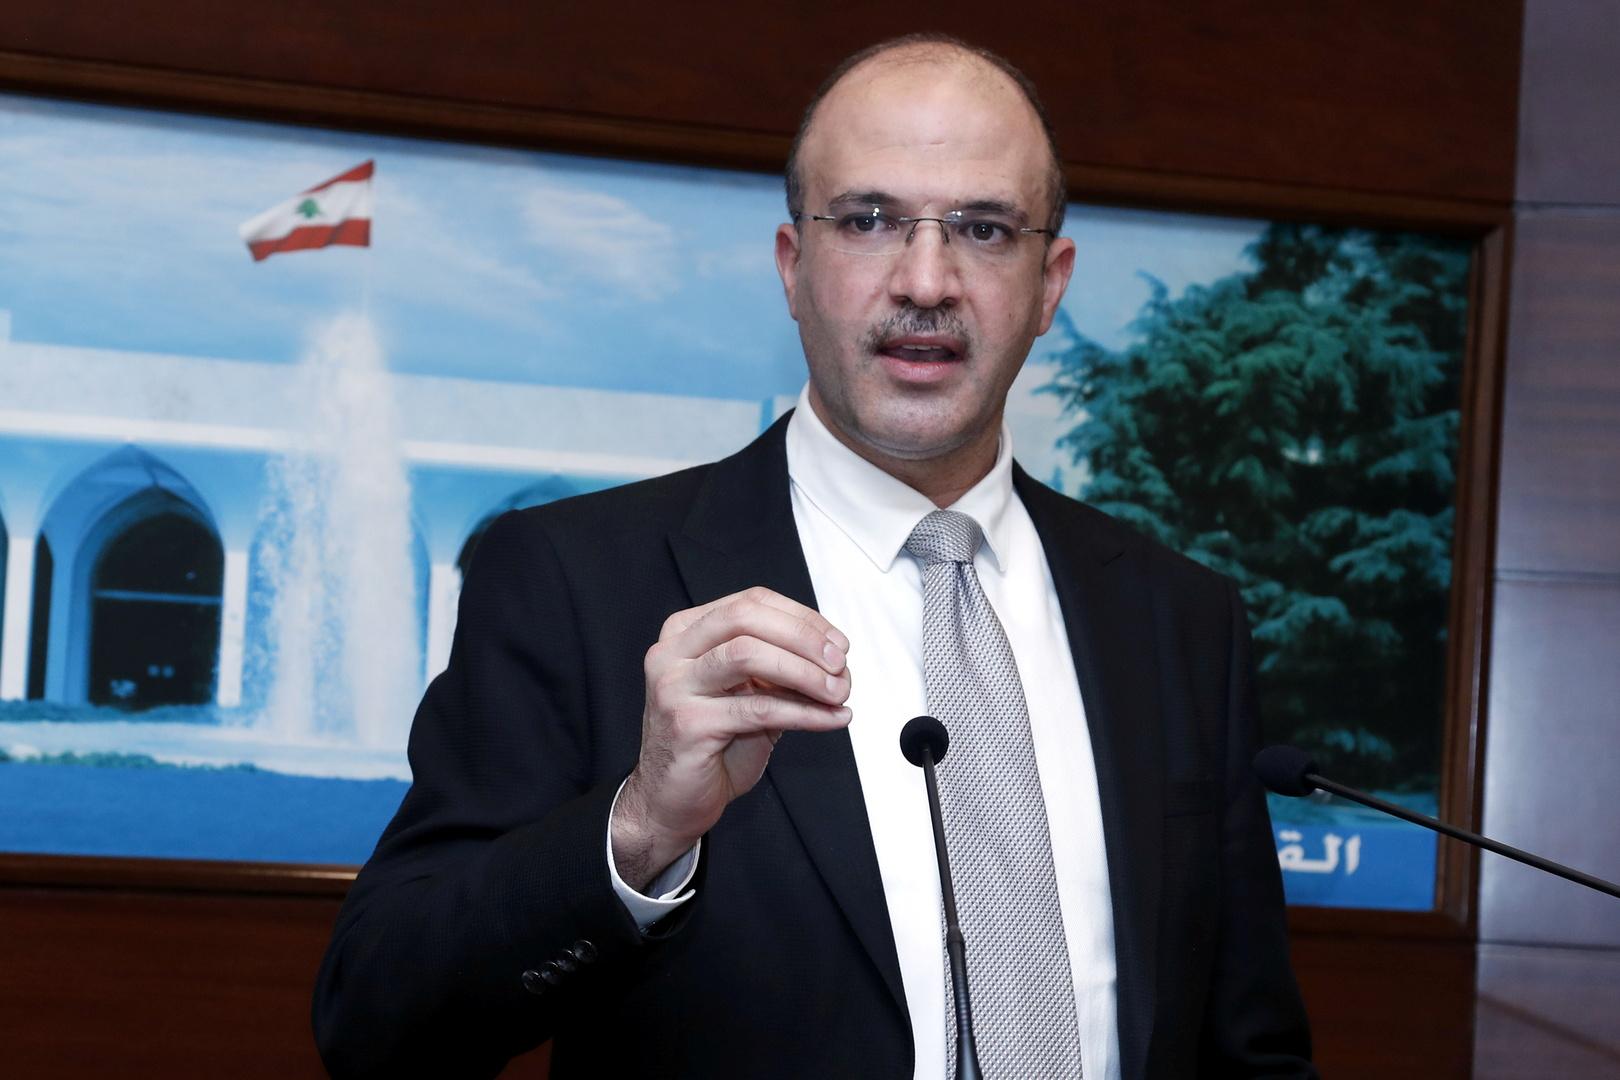 وزير الصحة اللبناني: الدواء الإيراني يستوفي الشروط والأزمة تجبرنا على طلب المساعدة من أصدقائنا